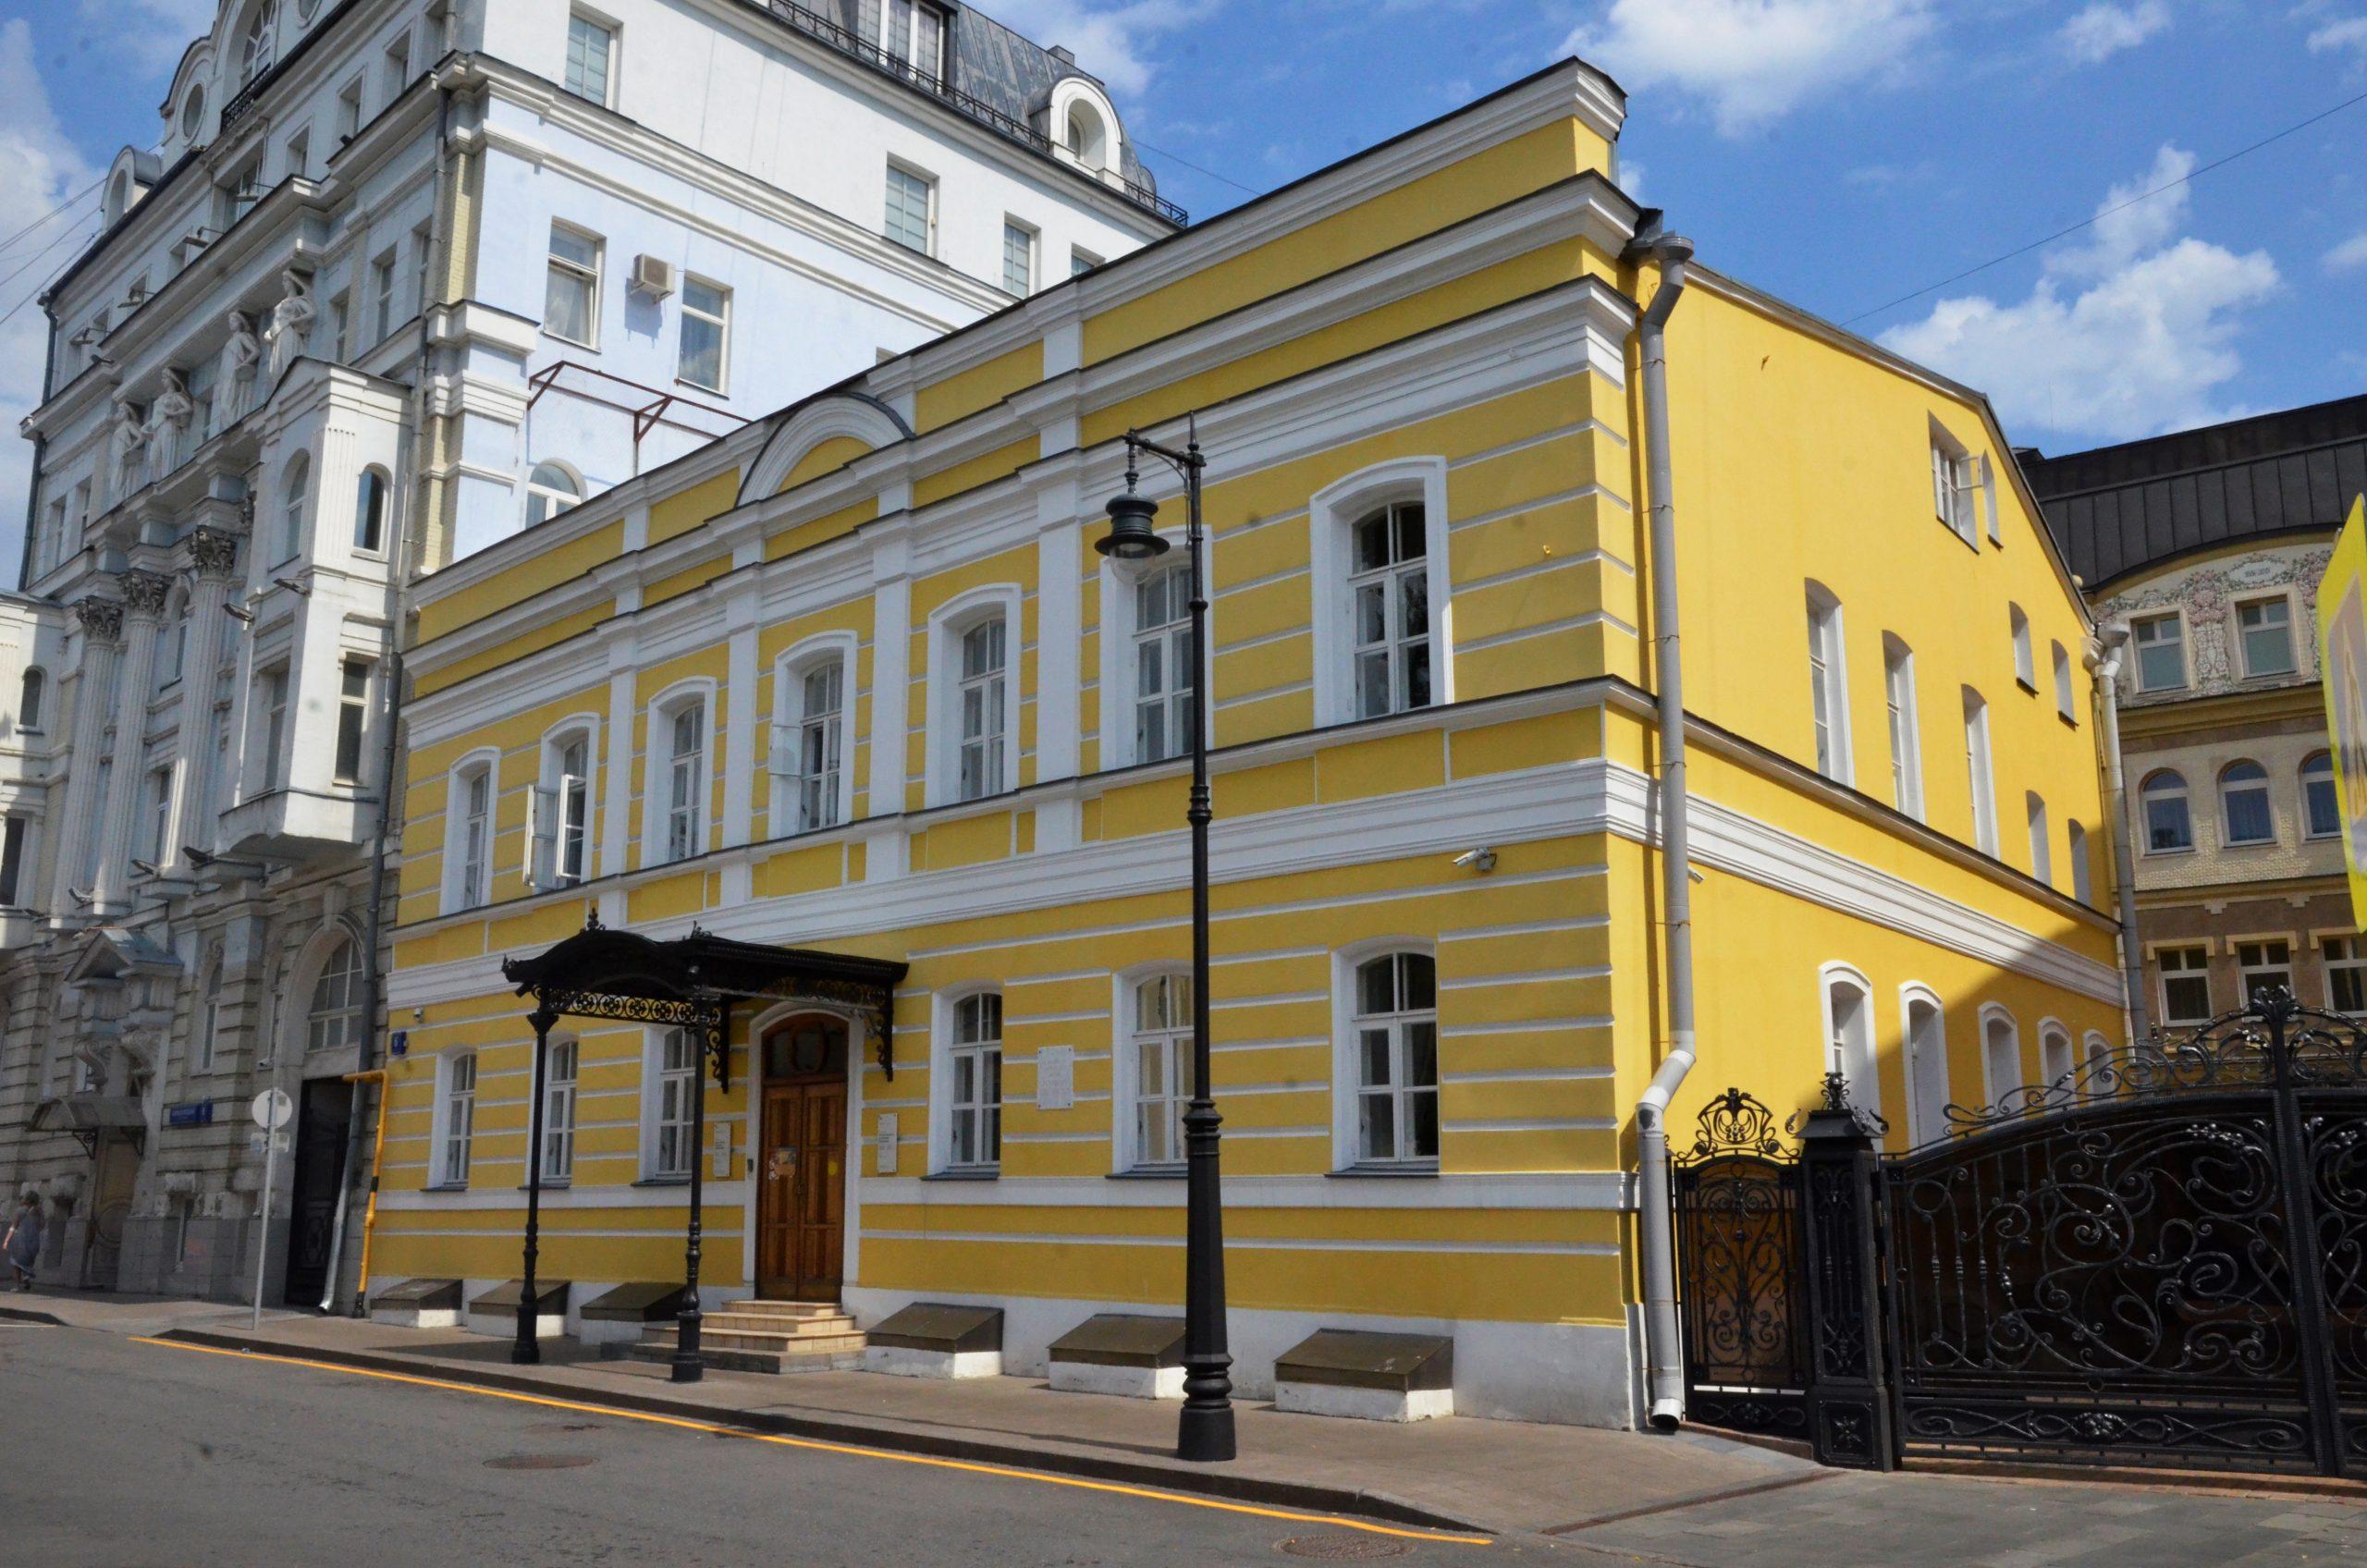 Музей Марины Цветаевой приглашает на выставку о поэзии. Фото: Анна Быкова